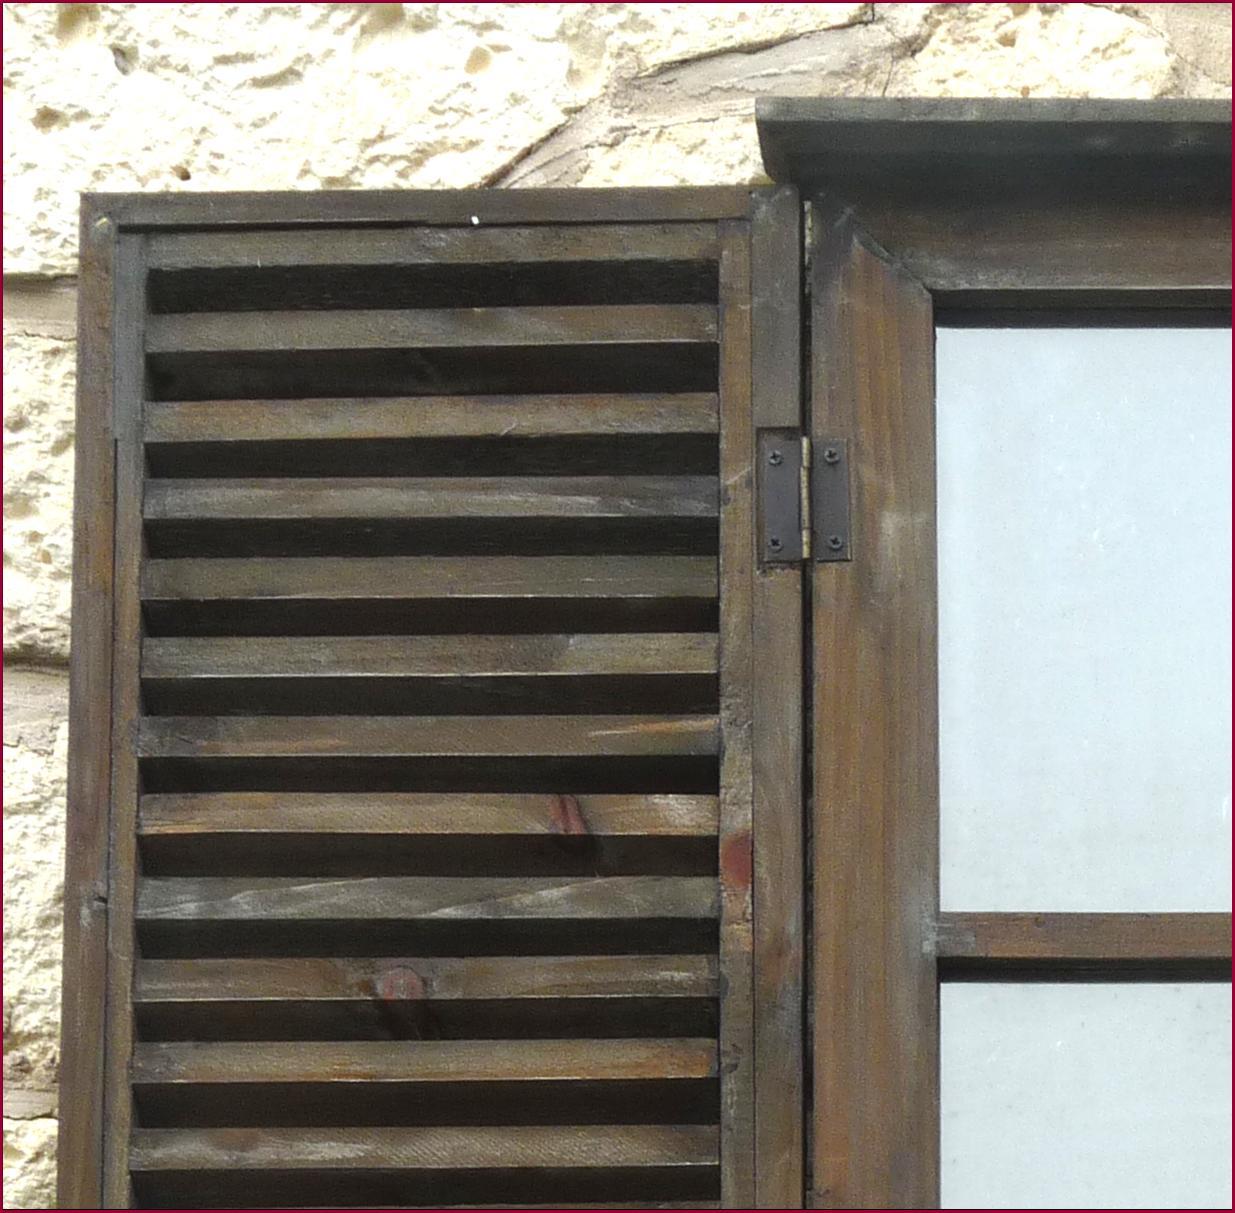 Miroir style ancienne fenetre a volet persienne en bois for Fenetre volet